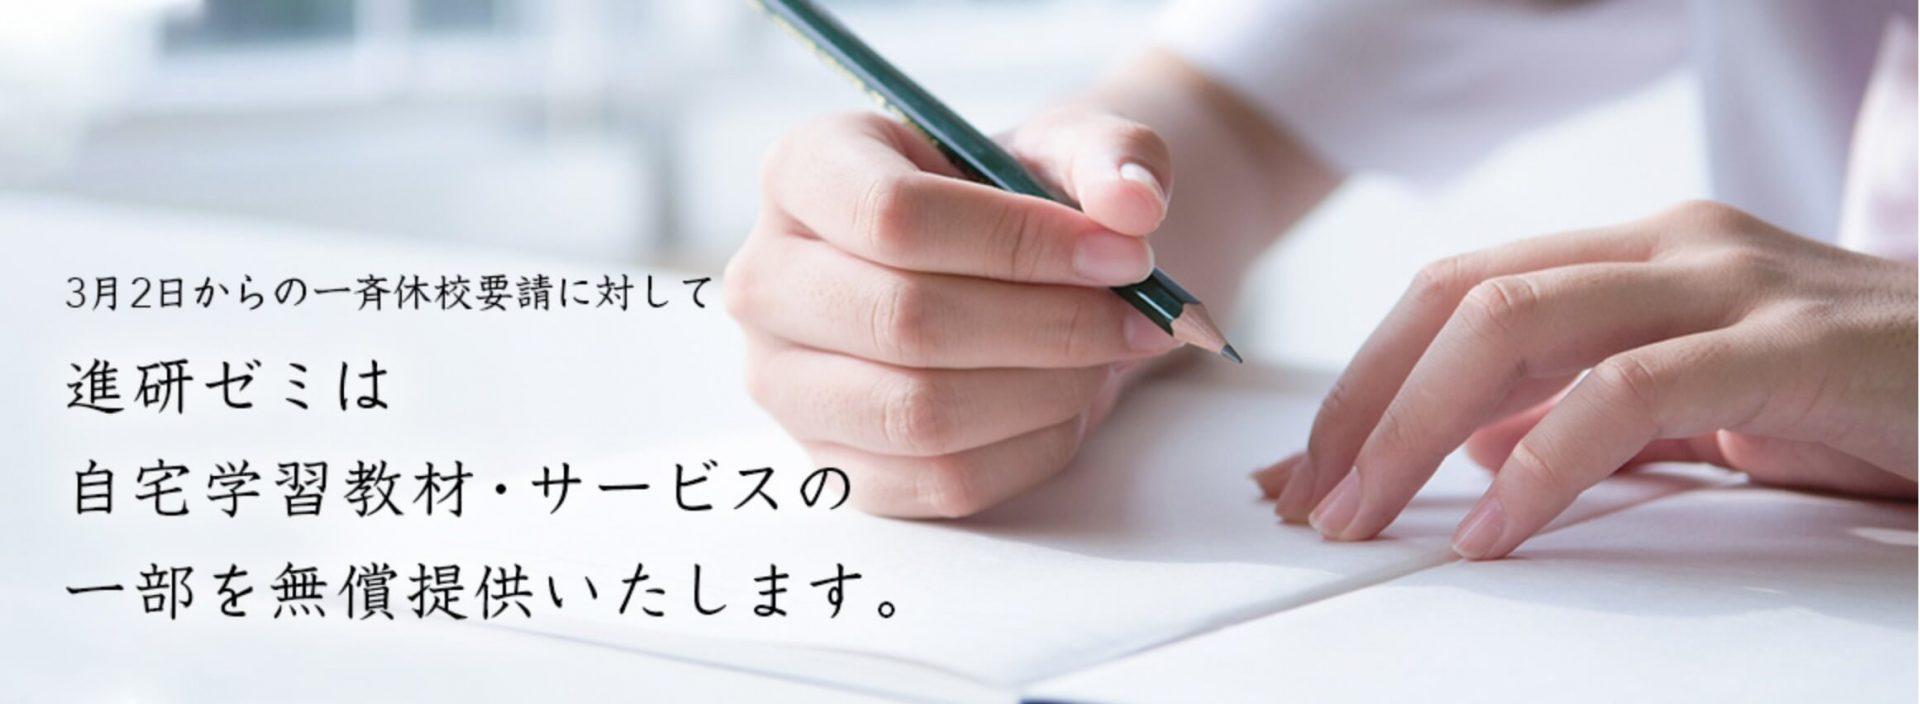 進研ゼミ チャレンジ 通信教育 自宅学習支援 休校対策 ベネッセ1